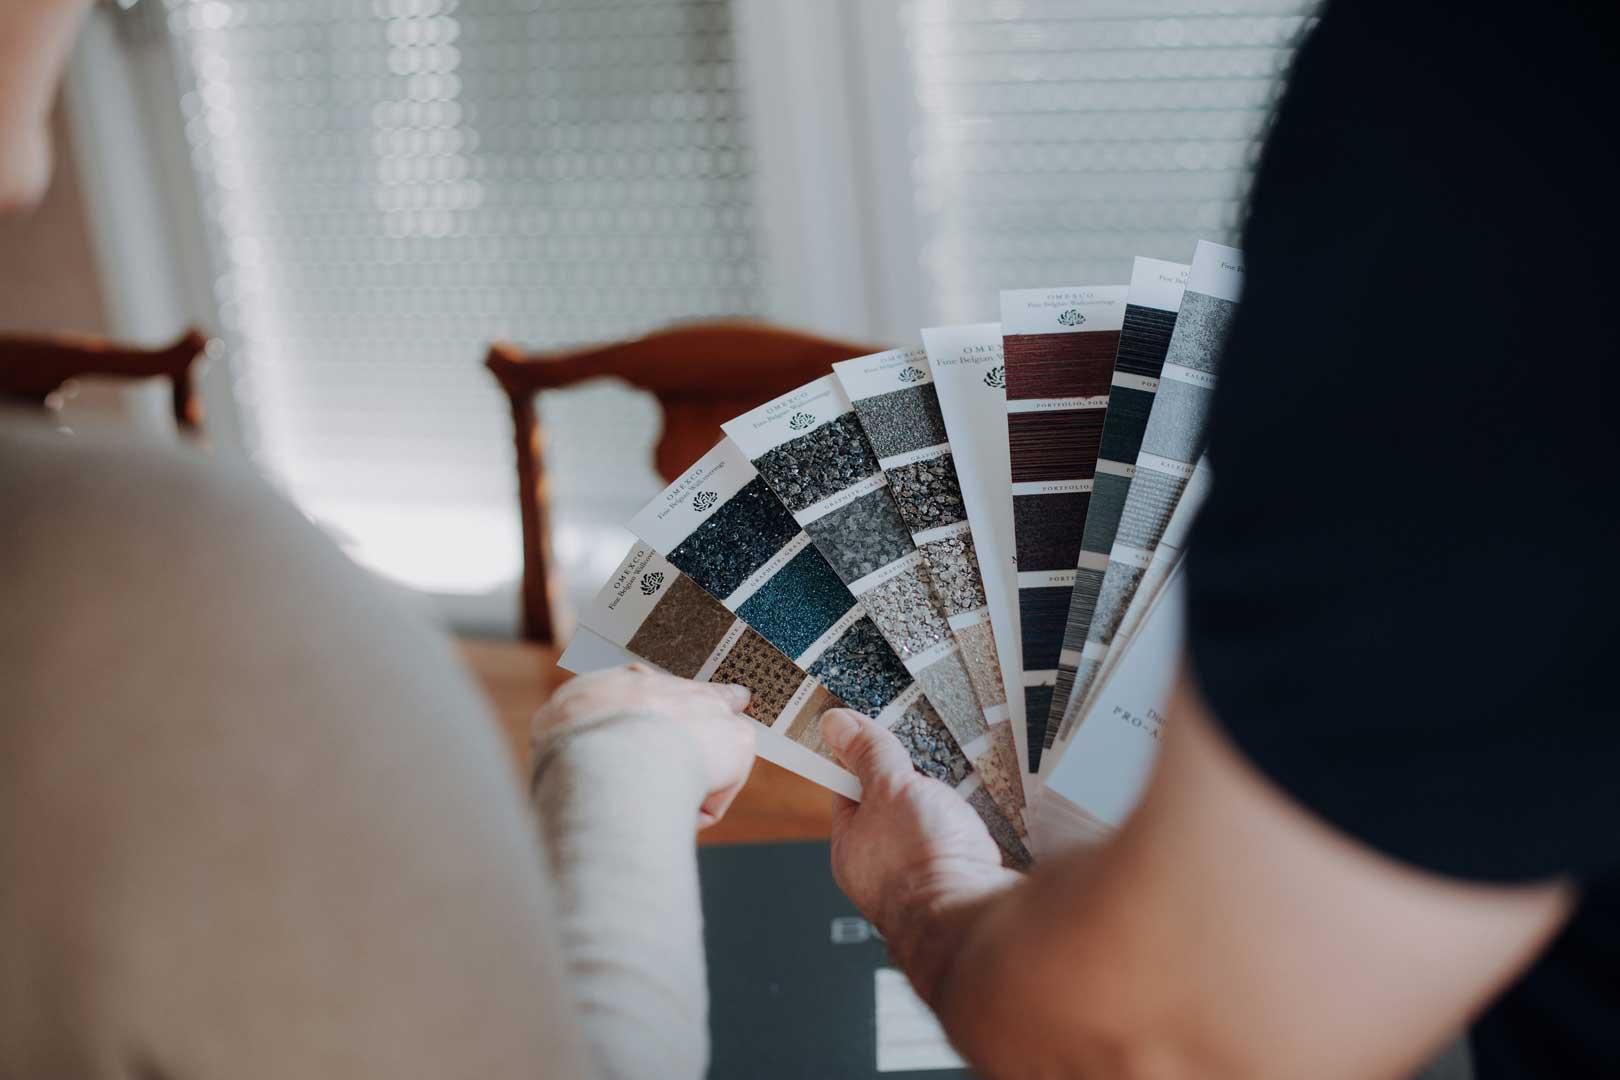 Farbmuster für Eindruck